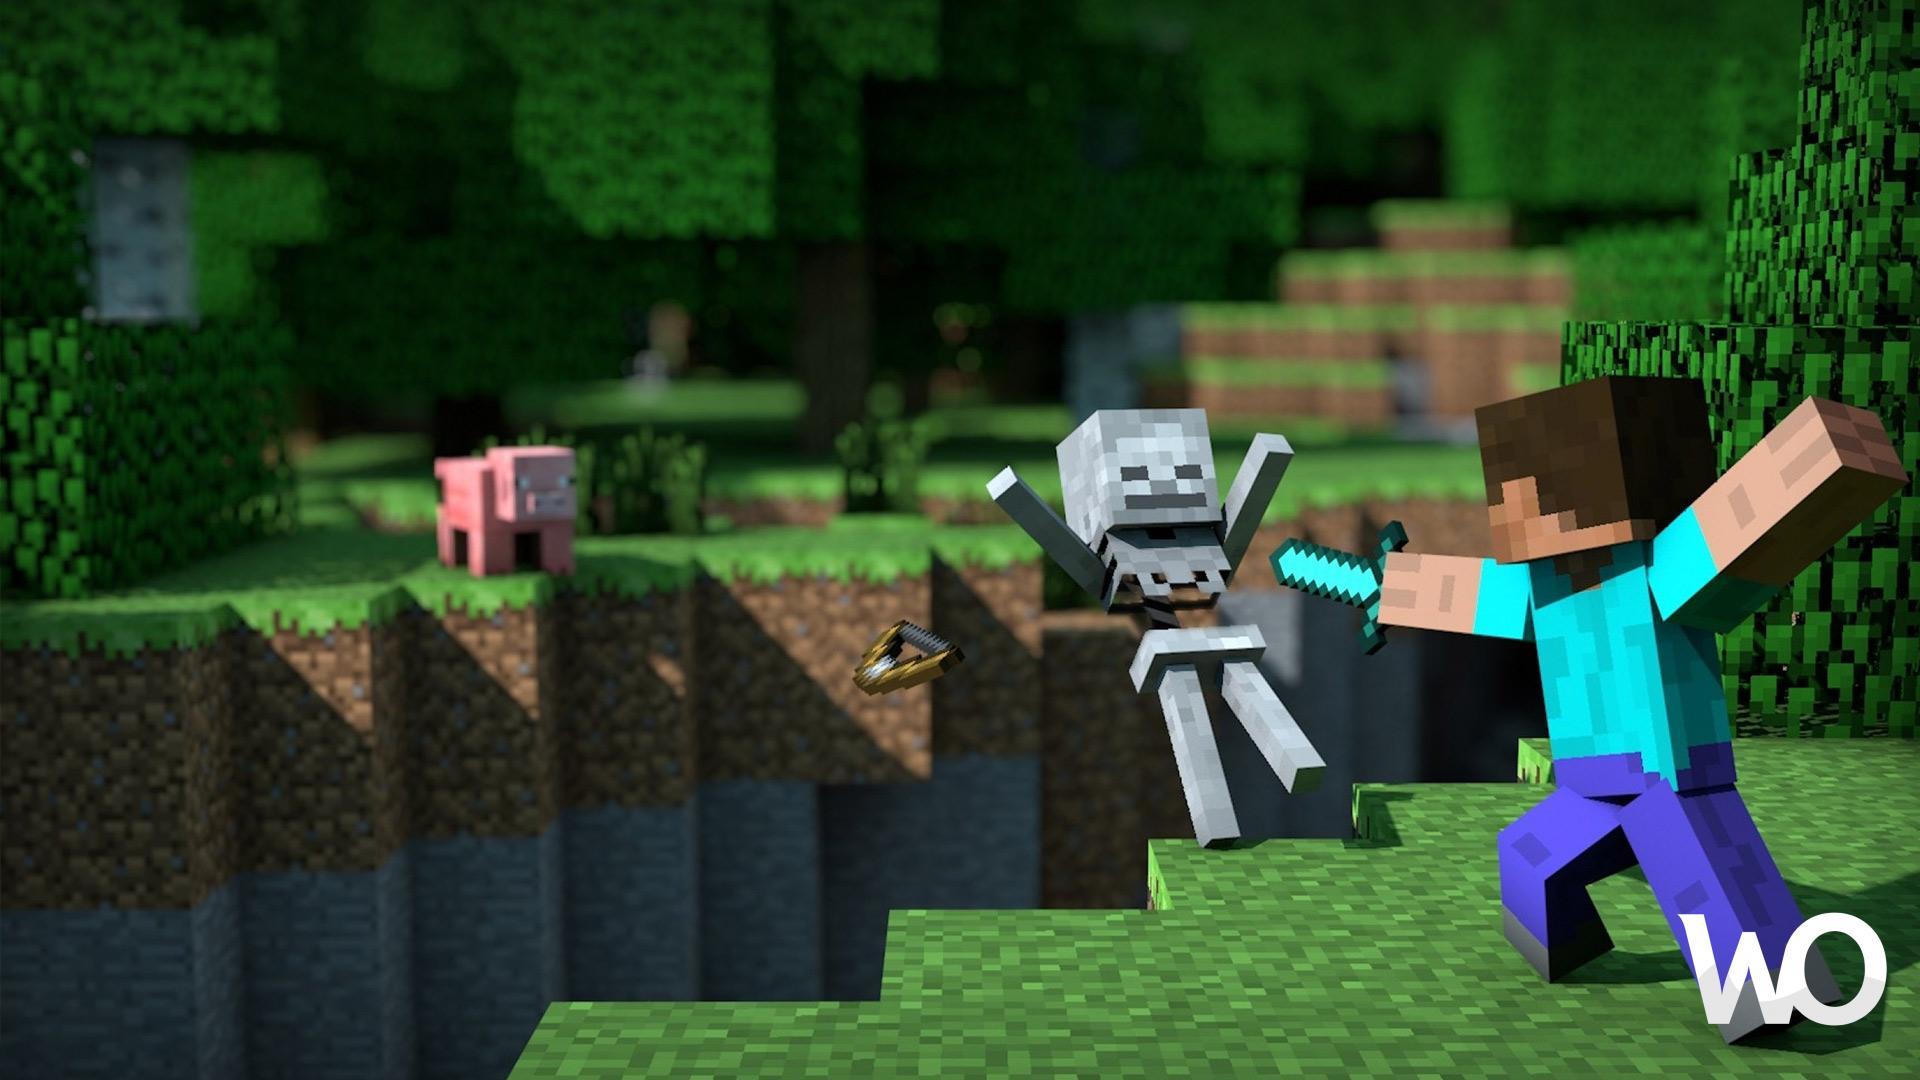 Minecraft'ın 200 Milyondan Fazla Satışı Yapıldı; Mojang Yeniden Markalaştı Ve Yeni Projeleri Duyurdu